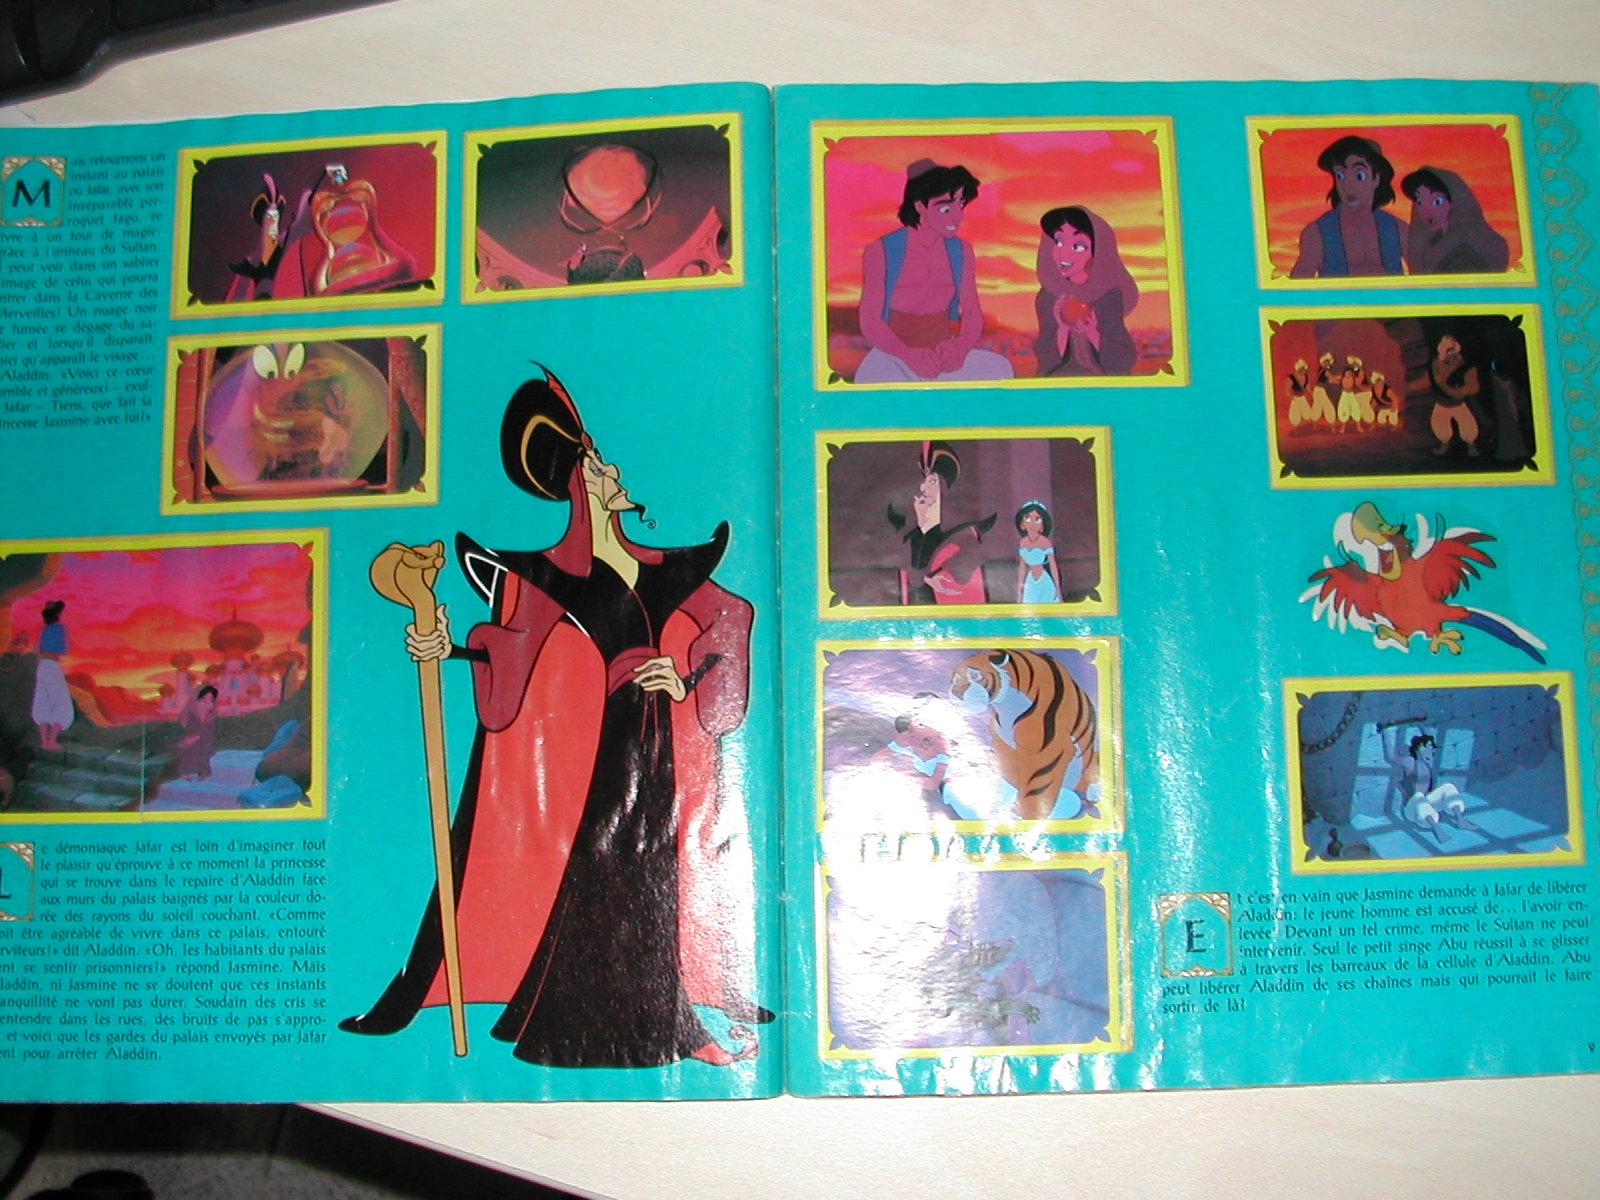 Coleccionismo Álbum: ALADDIN. PANINI WALT DISNEY. COMPLETO - Foto 2 - 27662047